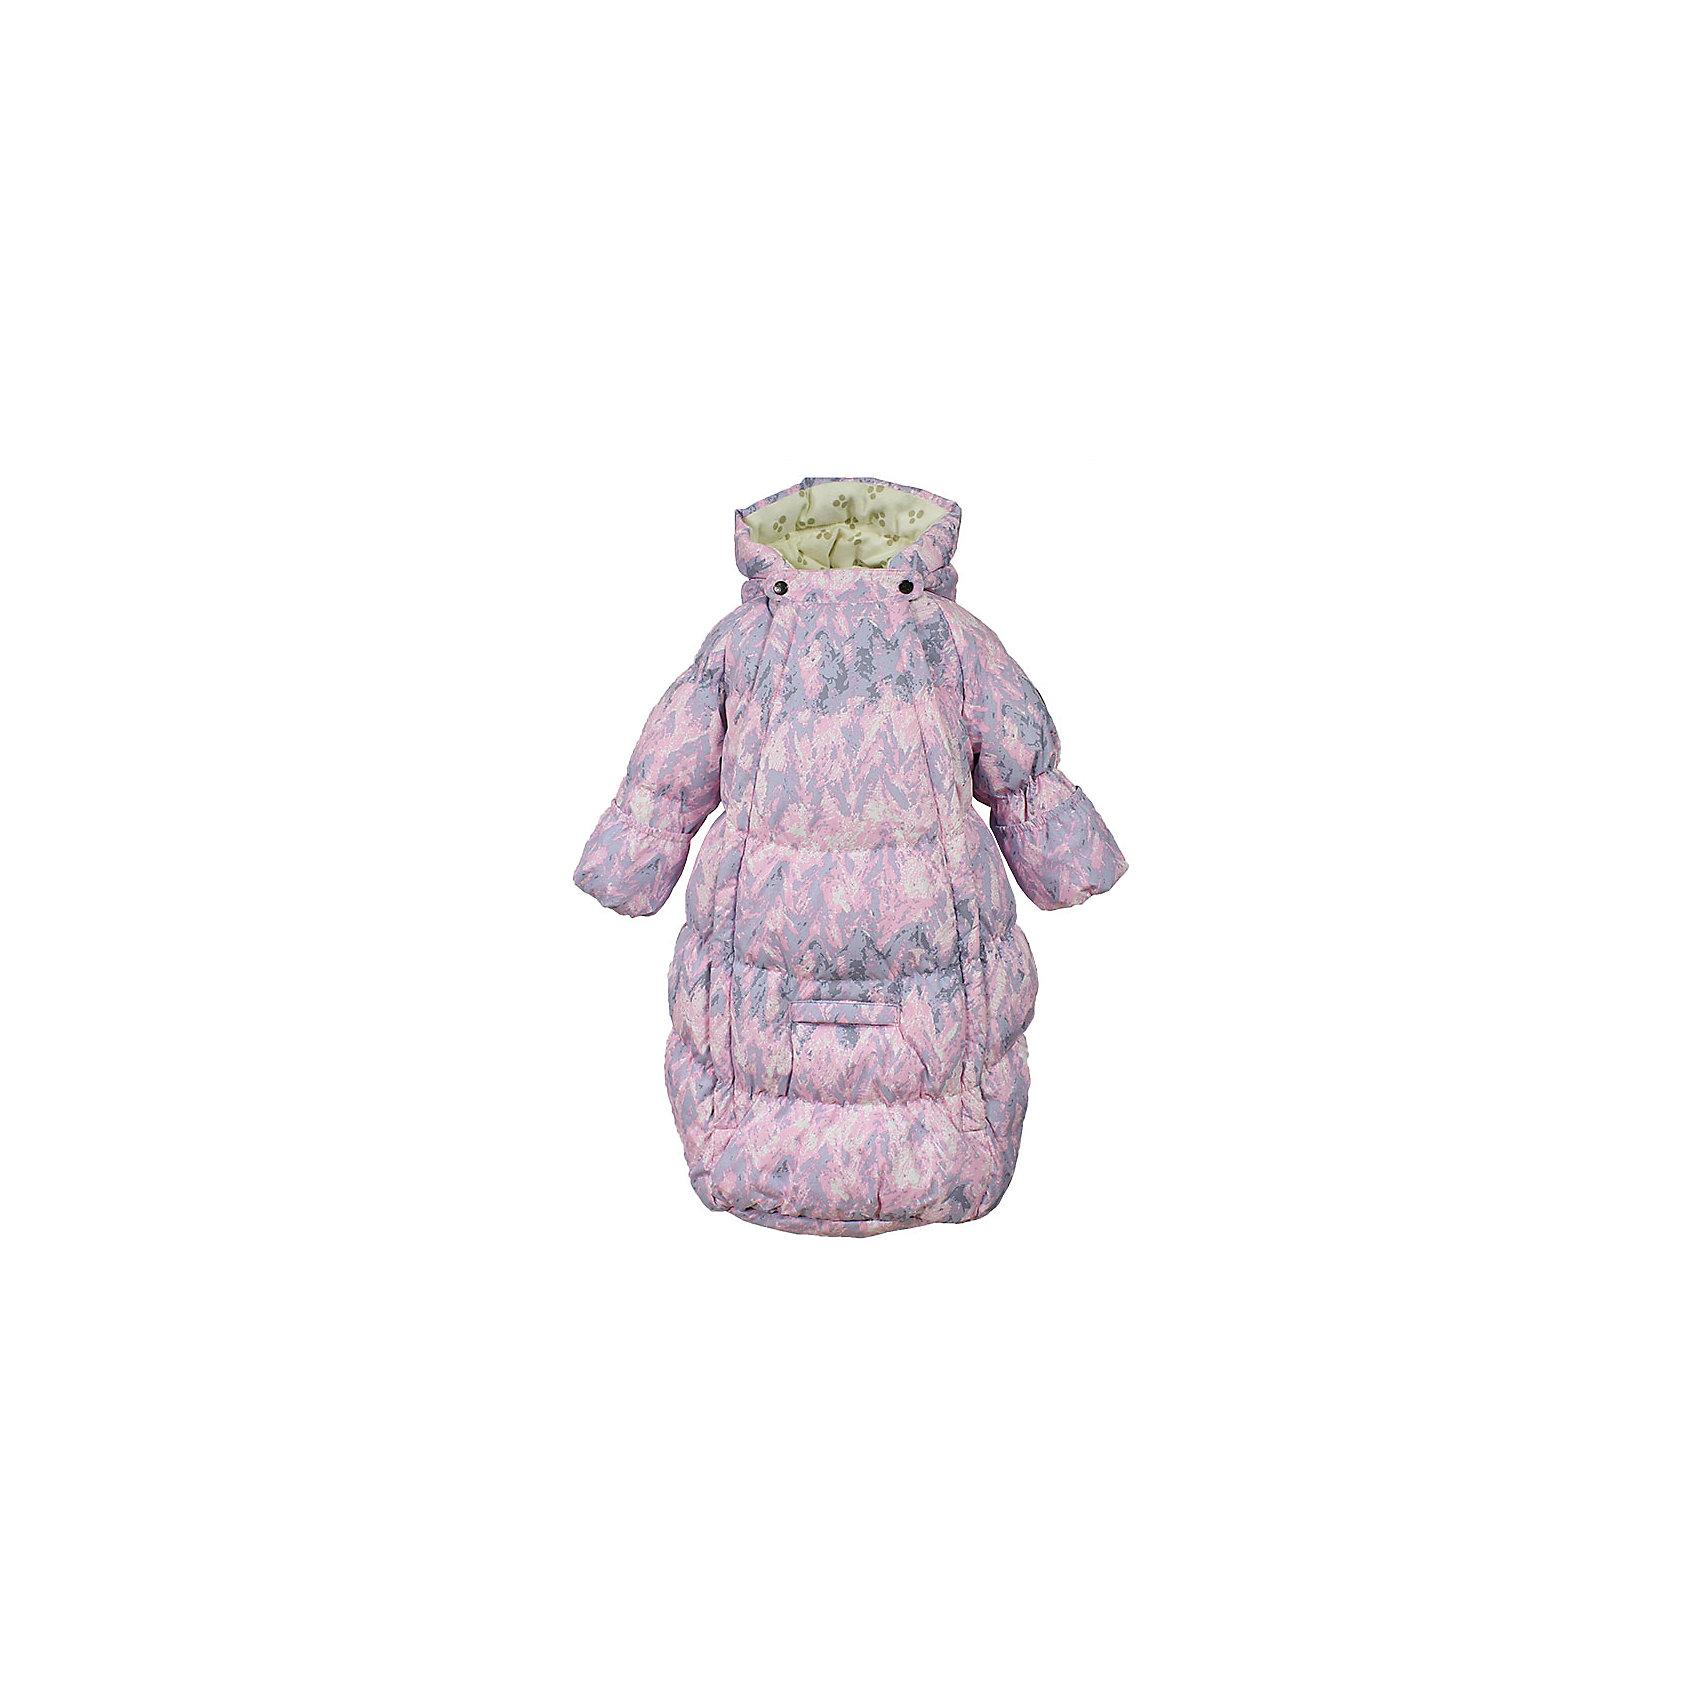 Конверт EMILY HuppaВерхняя одежда<br>Характеристики товара:<br><br>• модель: Emily;<br>• состав: 100% полиэстер;<br>• утеплитель: 50% пух, 50% перо.;<br>• подкладка: фланель,100% хлопок;<br>• сезон: зима;<br>• температурный режим: 0 до - 30С;<br>• водонепроницаемость: 5000 мм;<br>• воздухопроницаемость: 5000 г/м2/24ч;<br>• влагоустойчивая и дышащая ткань верхнего слоя изделияпозволяет сохранить внутри собственное тепло ребенка и препятствует попаданию извне холодного воздуха;<br>• две длинные молнии;<br>• регулируемый капюшон;<br>• манжеты рукавов на резинке;<br>• манжеты рукавов с отворотом;<br>• светоотражающие элементы для безопасности ребенка;<br>• страна бренда: Финляндия;<br>• страна изготовитель: Эстония.<br><br>Теплый пуховый конверт для новорождённых Emily. Мягкая фланелевая подкладка очень комфортна для малыша. Отвороты на рукавах не дадут замерзнуть маленьким ручкам. Предусмотрена прорезь для ремней автокресла.<br><br>* Температурный режим указан приблизительно — необходимо, прежде всего, ориентироваться на ощущения ребенка. Температурный режим работает в случае соблюдения правила многослойности – использования флисовой поддевы и термобелья.<br><br>Вы можете приобрести конверт EMILY Huppa(Хуппа) в нашем интернет-магазине.<br><br>Ширина мм: 356<br>Глубина мм: 10<br>Высота мм: 245<br>Вес г: 519<br>Цвет: розовый<br>Возраст от месяцев: 3<br>Возраст до месяцев: 6<br>Пол: Унисекс<br>Возраст: Детский<br>Размер: 68,56,62<br>SKU: 7025203